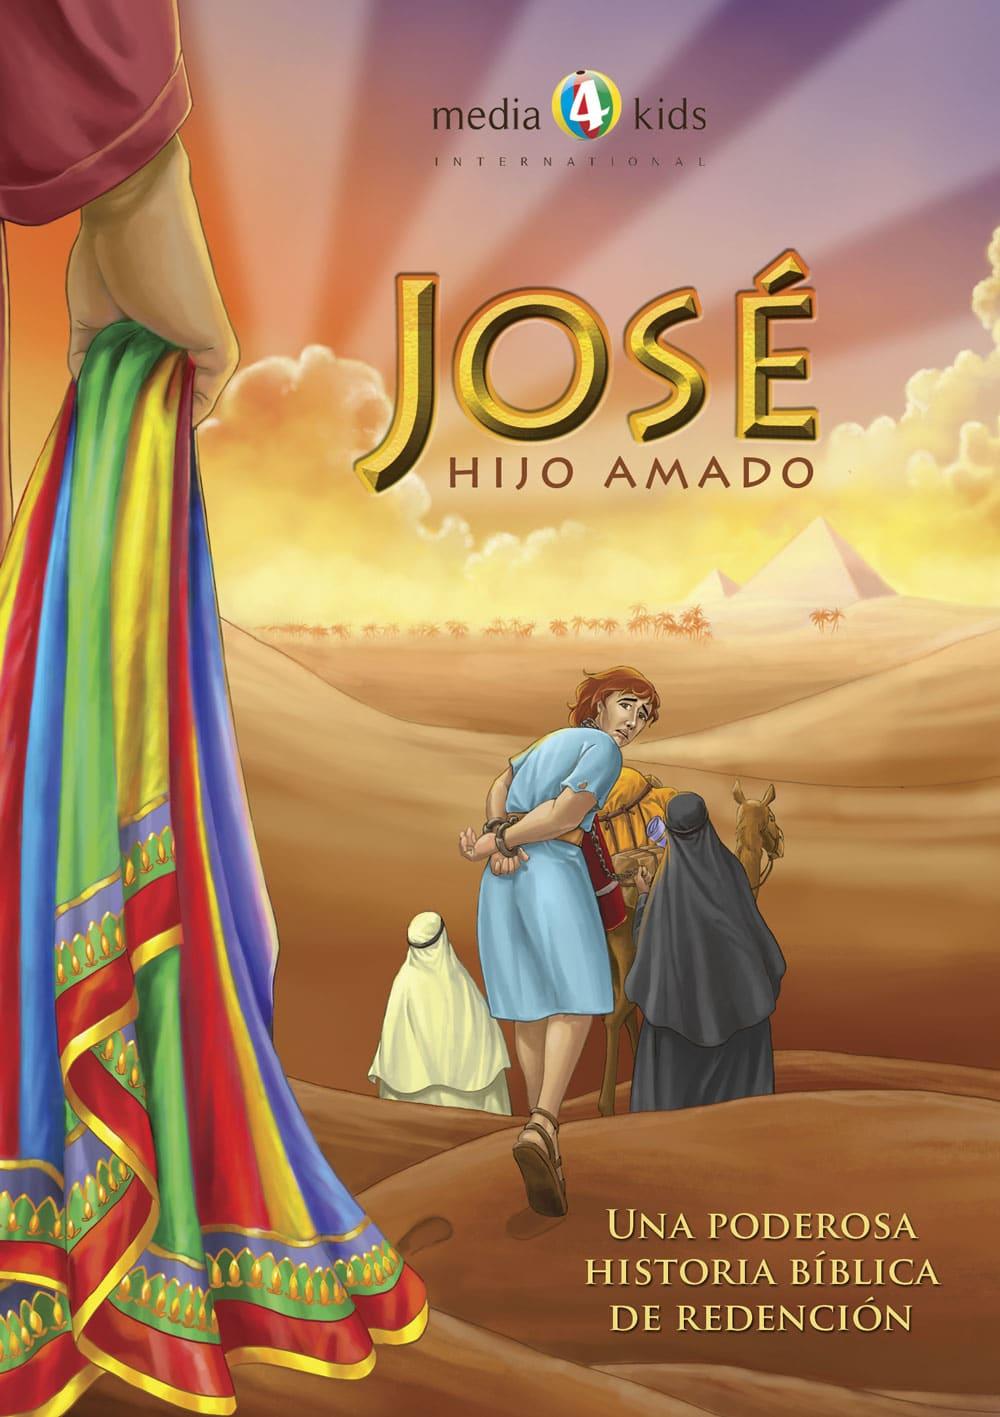 Jose: Hijo amado